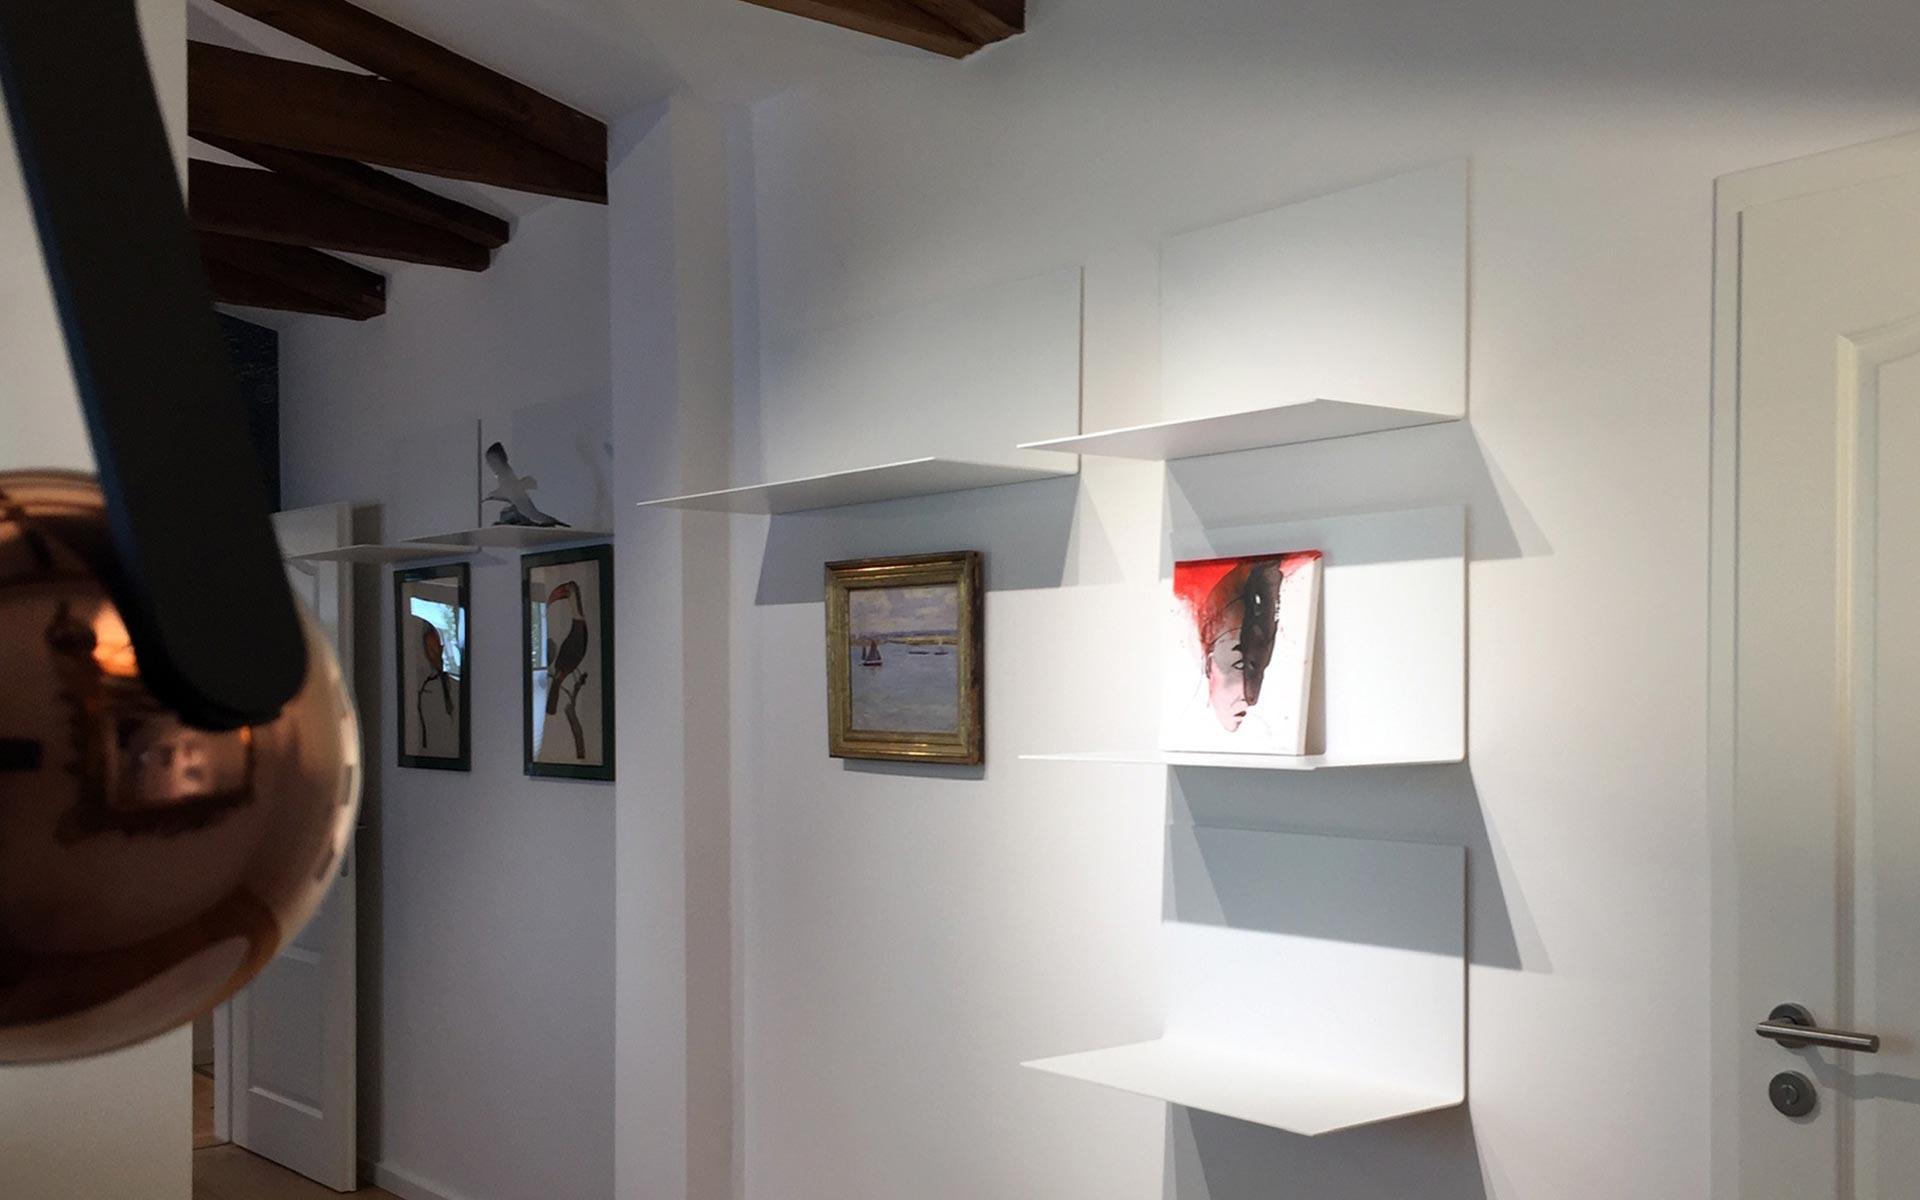 Occhio io Leuchten + Frost Regal - Interiordesign steidten+ Berlin